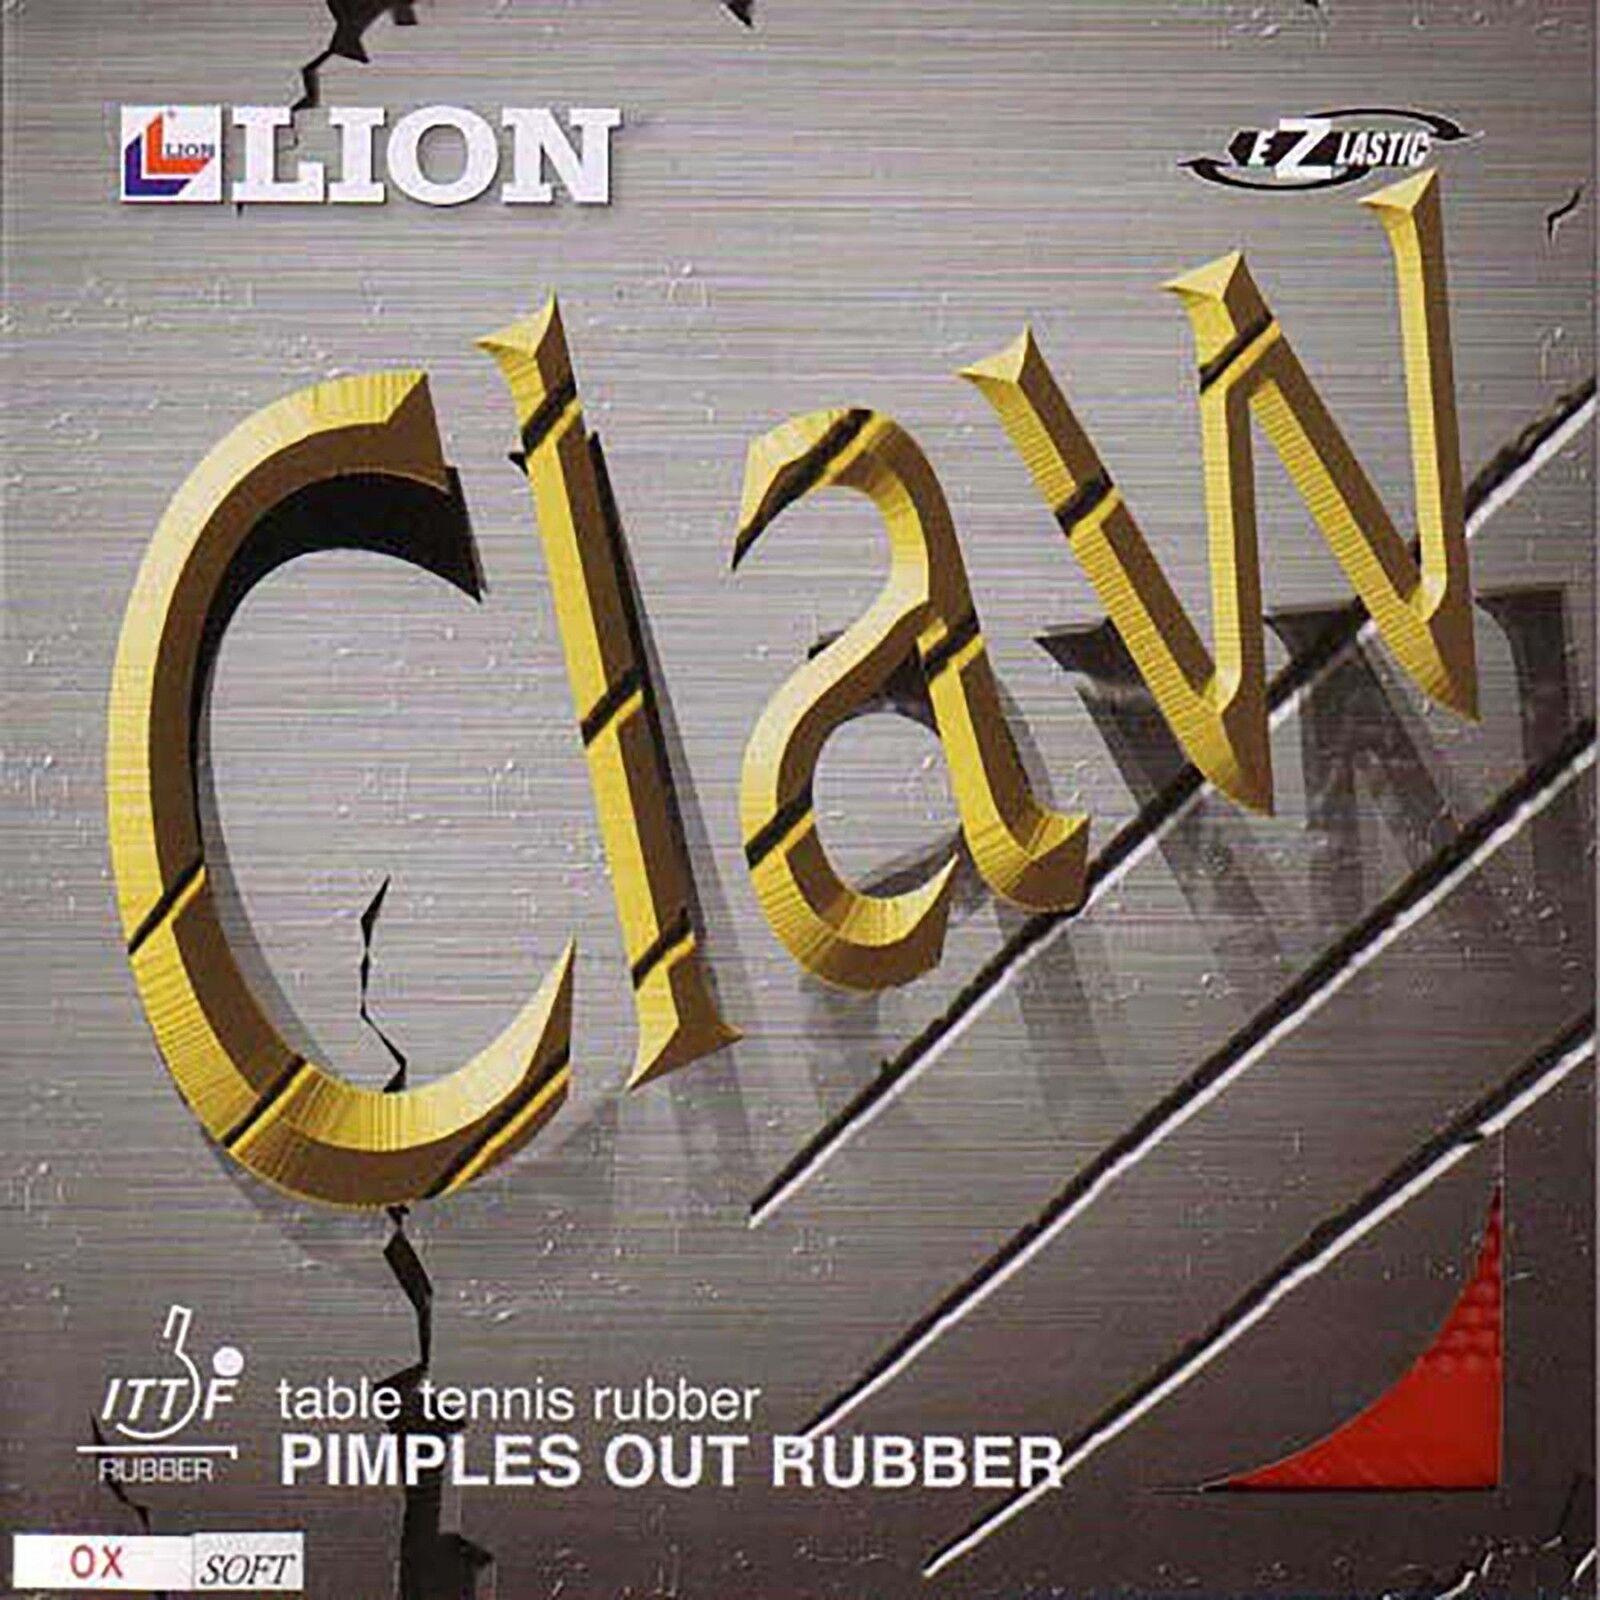 LION CLAW EXTREM EXTREM EXTREM (glatt oder restgriffig, behandelt, verlangsamt)  Langsamste   | Passend In Der Farbe  | Wirtschaftlich und praktisch  | Einfach zu bedienen  d6d25c